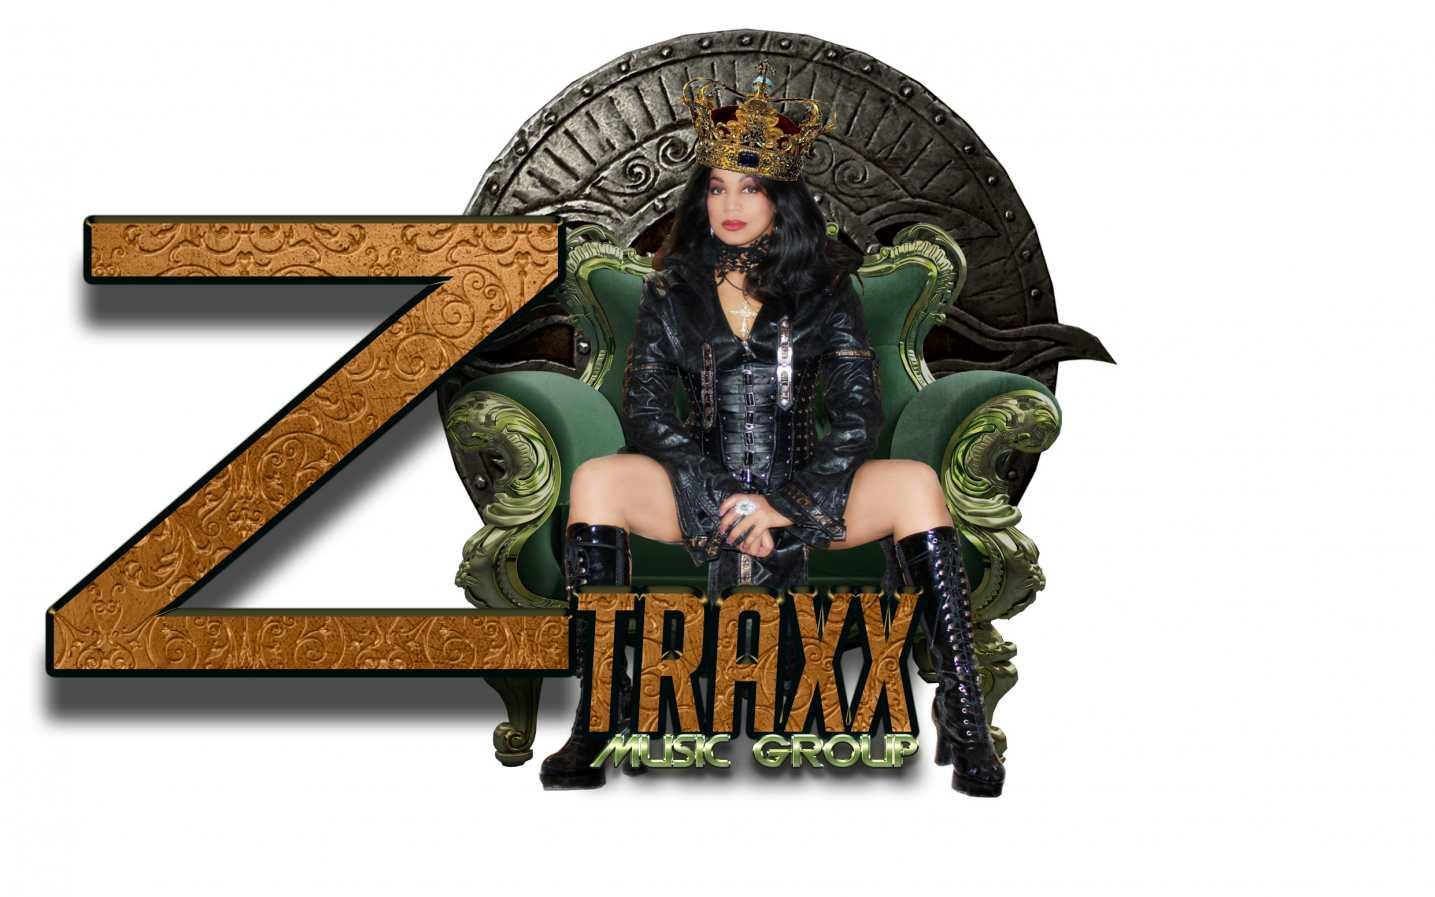 ZTraxx Music Group Logo